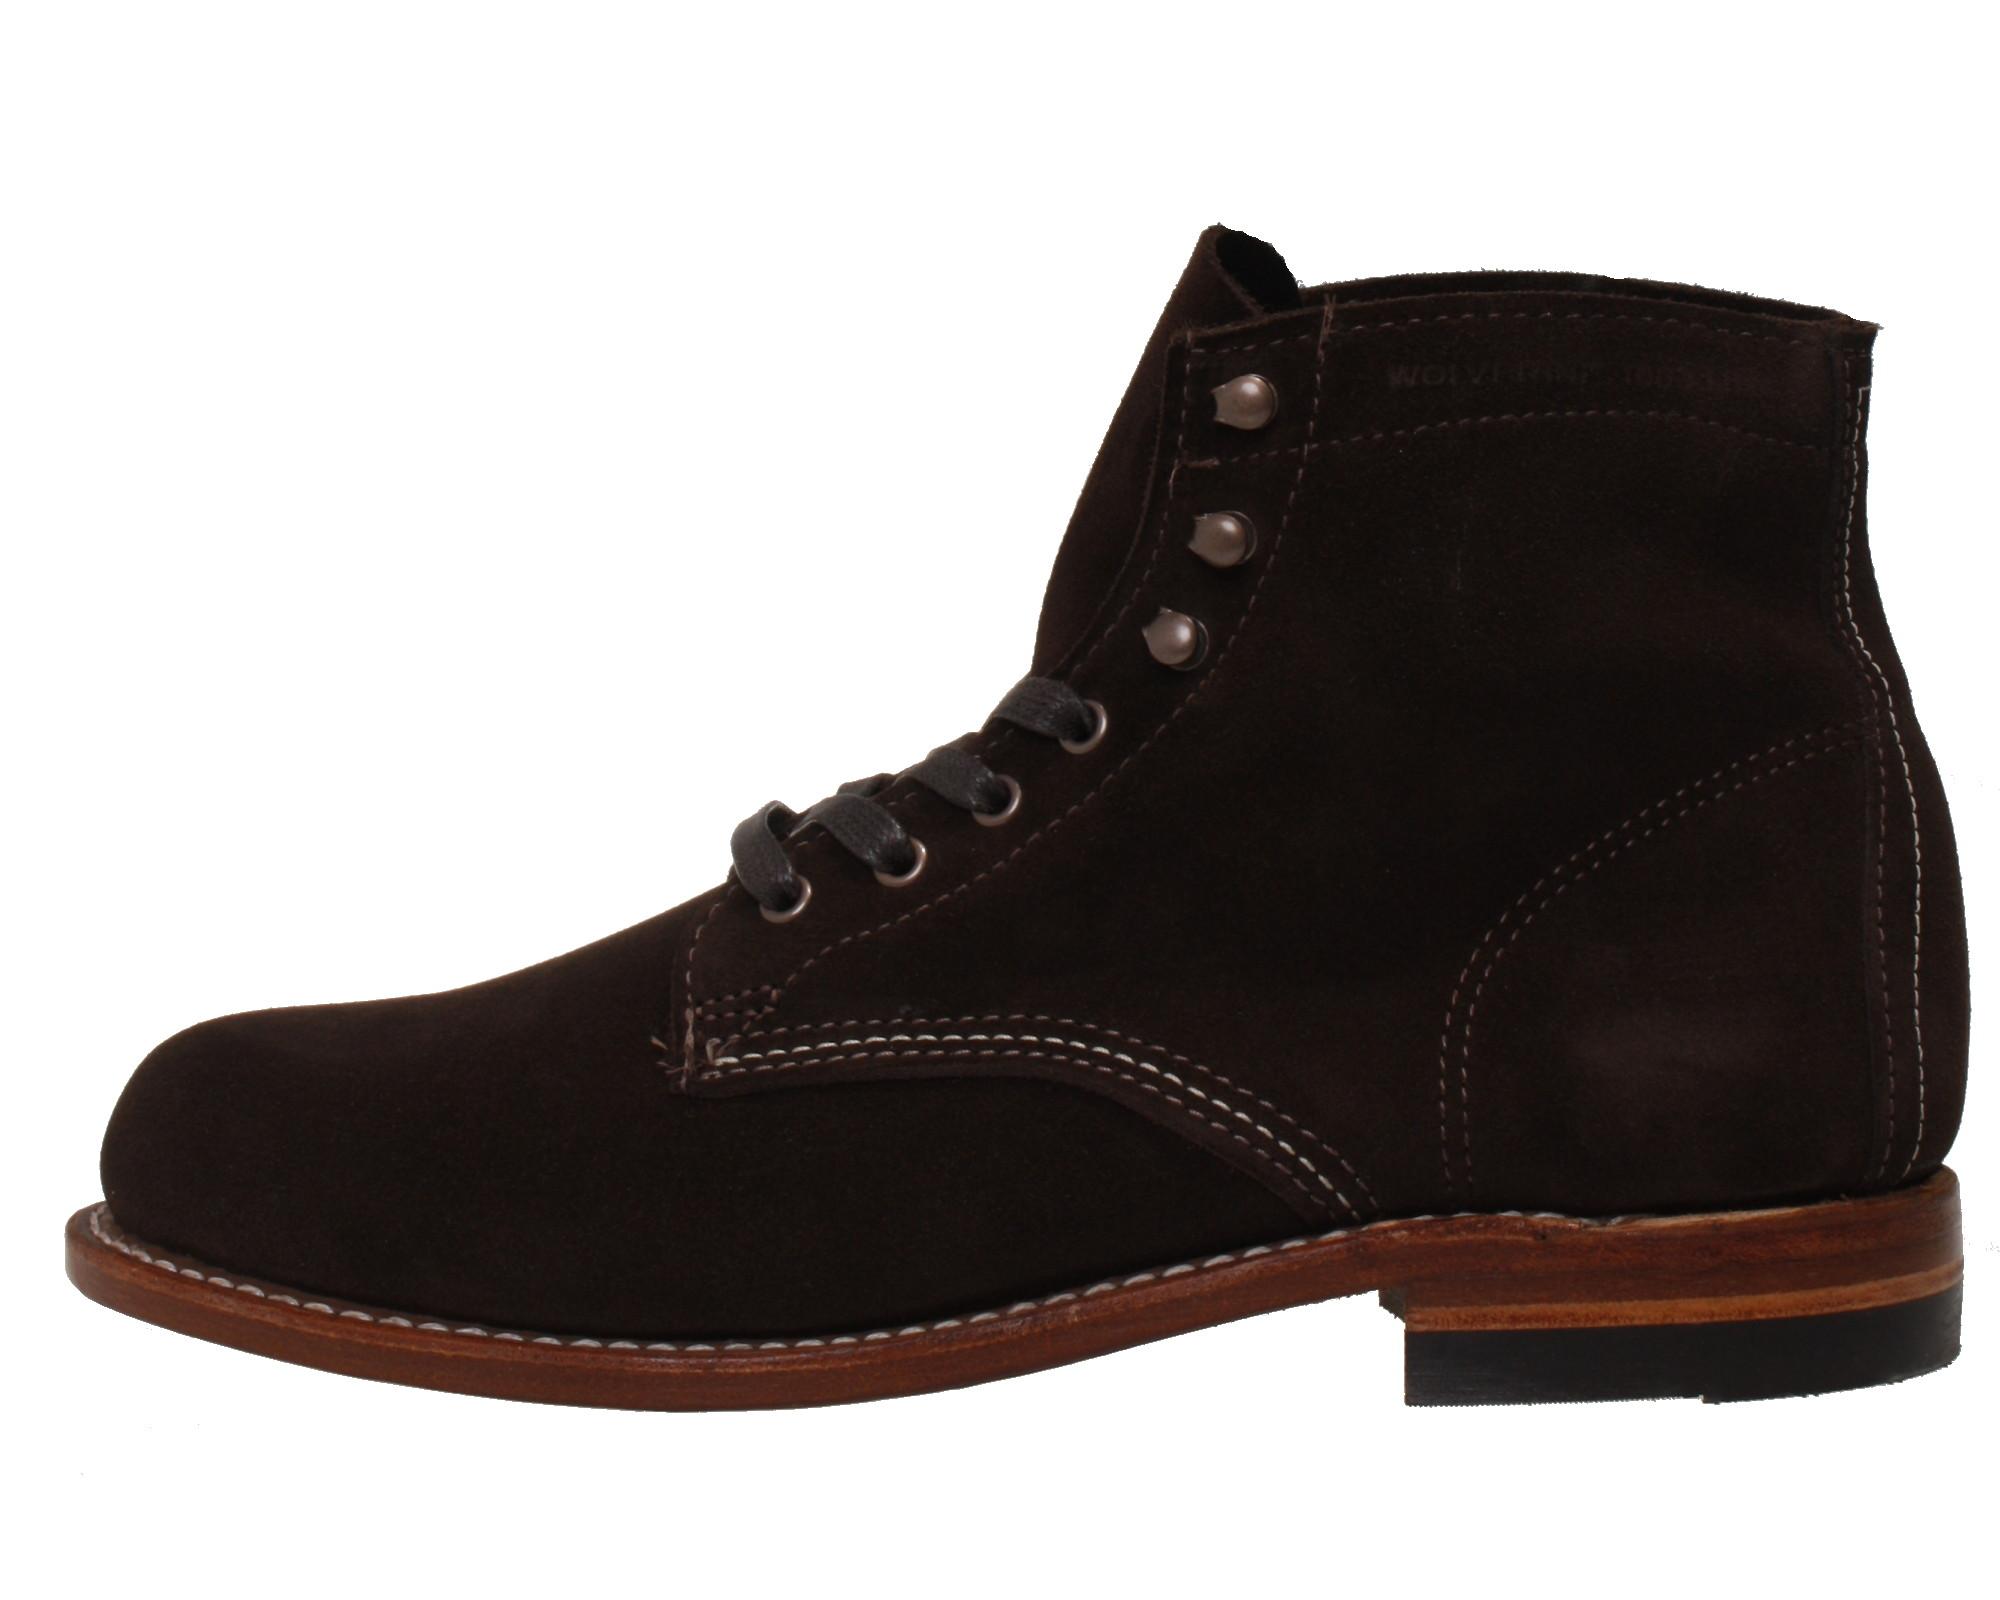 wholesale dealer 28182 63e14 Wolverine Herren Schuhe1000 Mile Boot Leder-Stiefel braun W40093